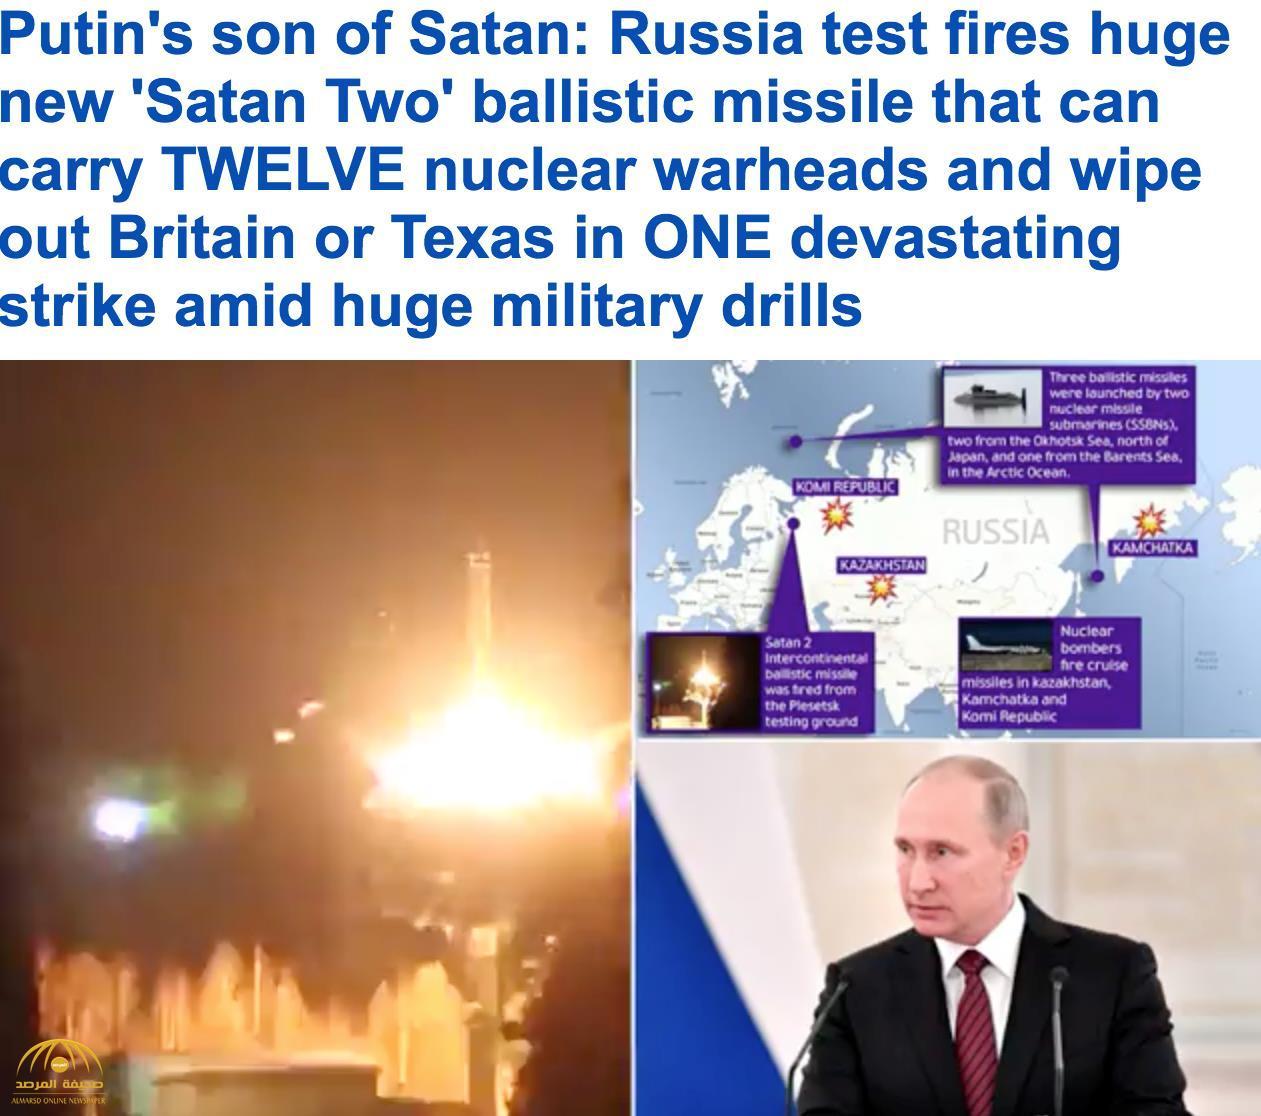 """بالفيديو والصور..معلومات مذهلة عن الصاروخ الروسي الجديد """"الشيطان 2"""".. لماذا لا يهزم؟"""